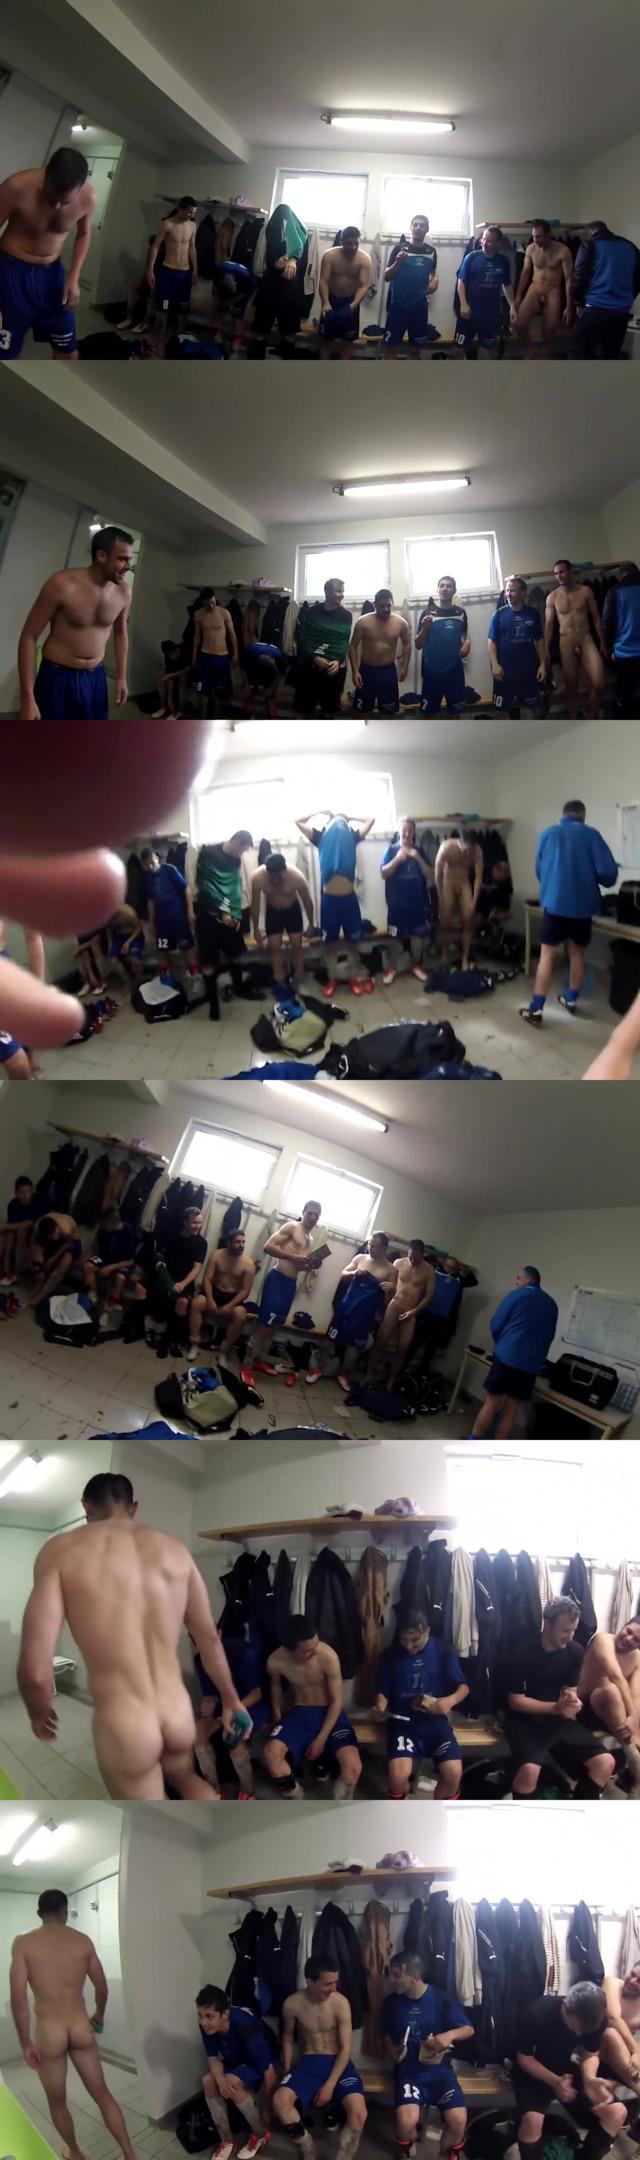 footballers naked in locker room